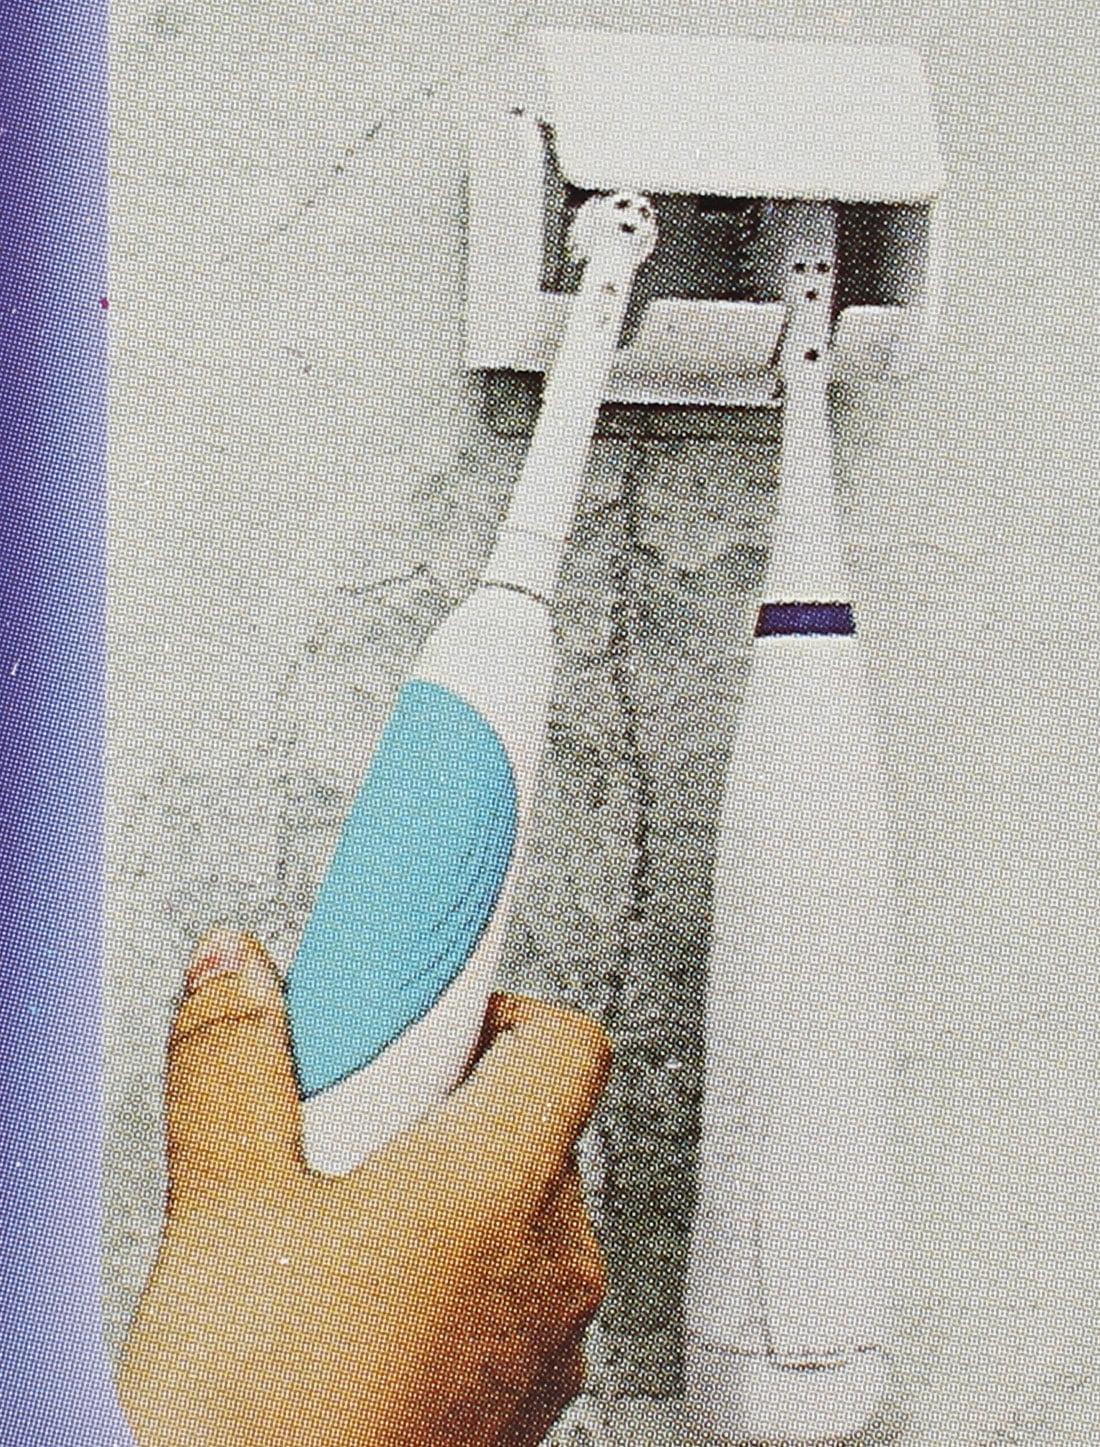 Autocollant 2 Porte Brosses A Dents Spinbrush Brosse A Dent Electrique A Decorer Support De Stockage Walmart Canada